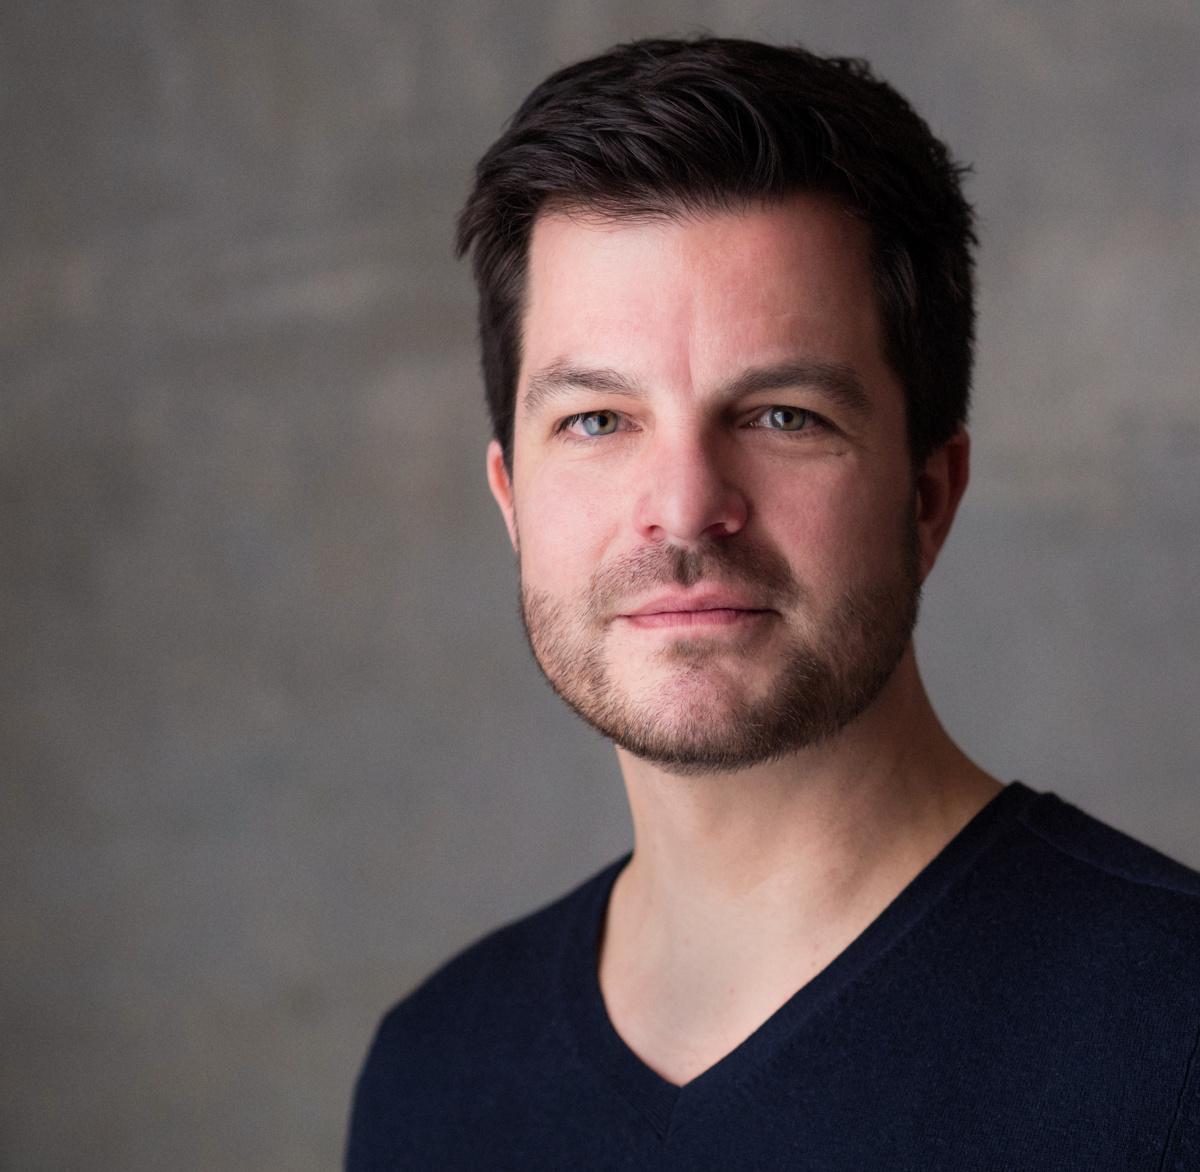 Dirk Schäfer - Portrait